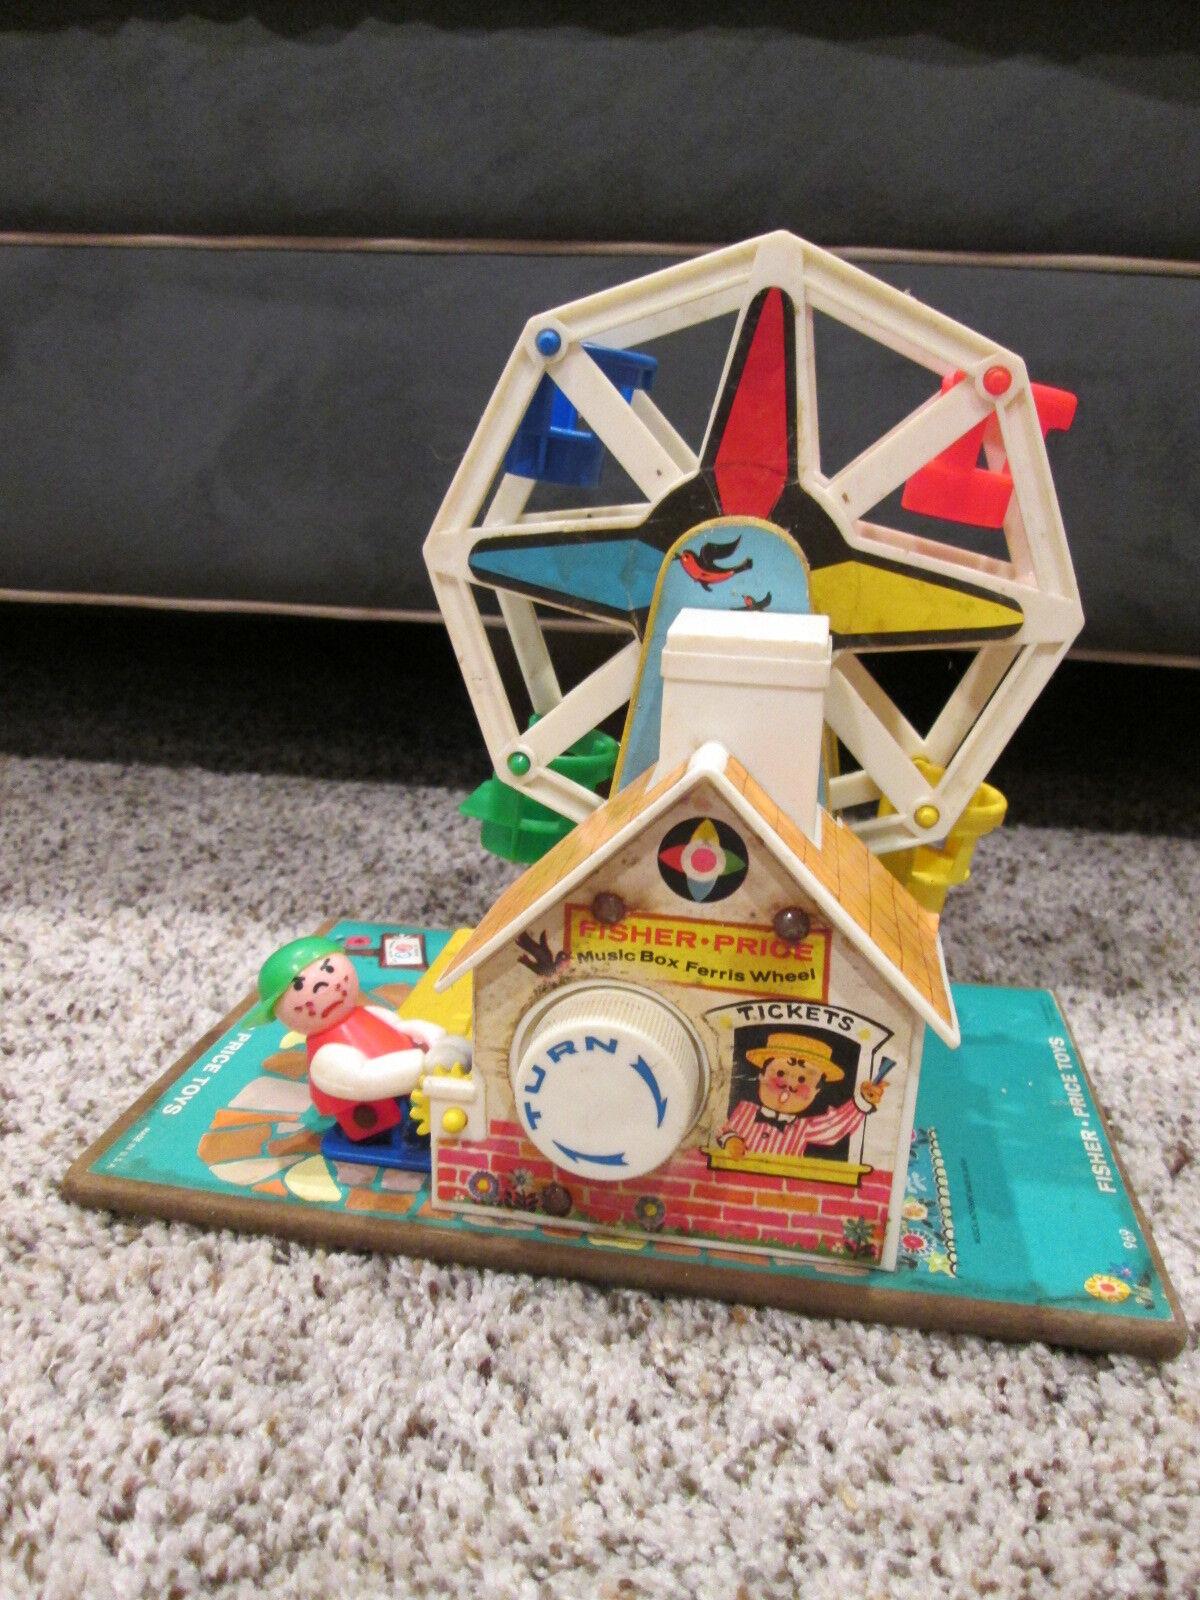 Vintage 1966 Fisher-Price Music Box Box Box Ferris Wheel No. 969 - Works 71b62b